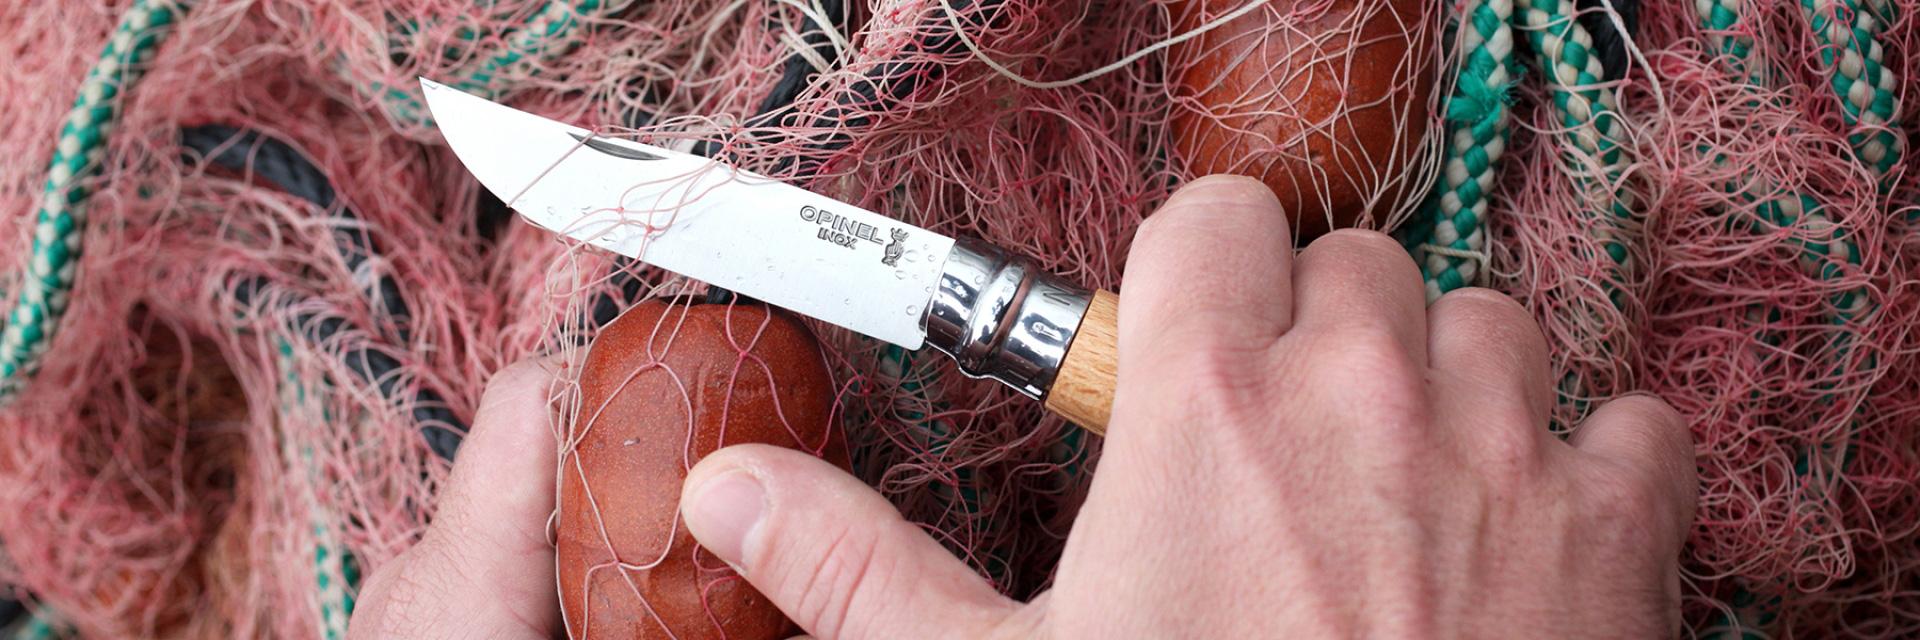 Der Klassiker: N°8N°221: das Fillet-MesserDie Produktpalette umfasst heute auch eine ganze Reihe an Küchenmessern, wie das Brotmesser N°216| Foto: opinel.com